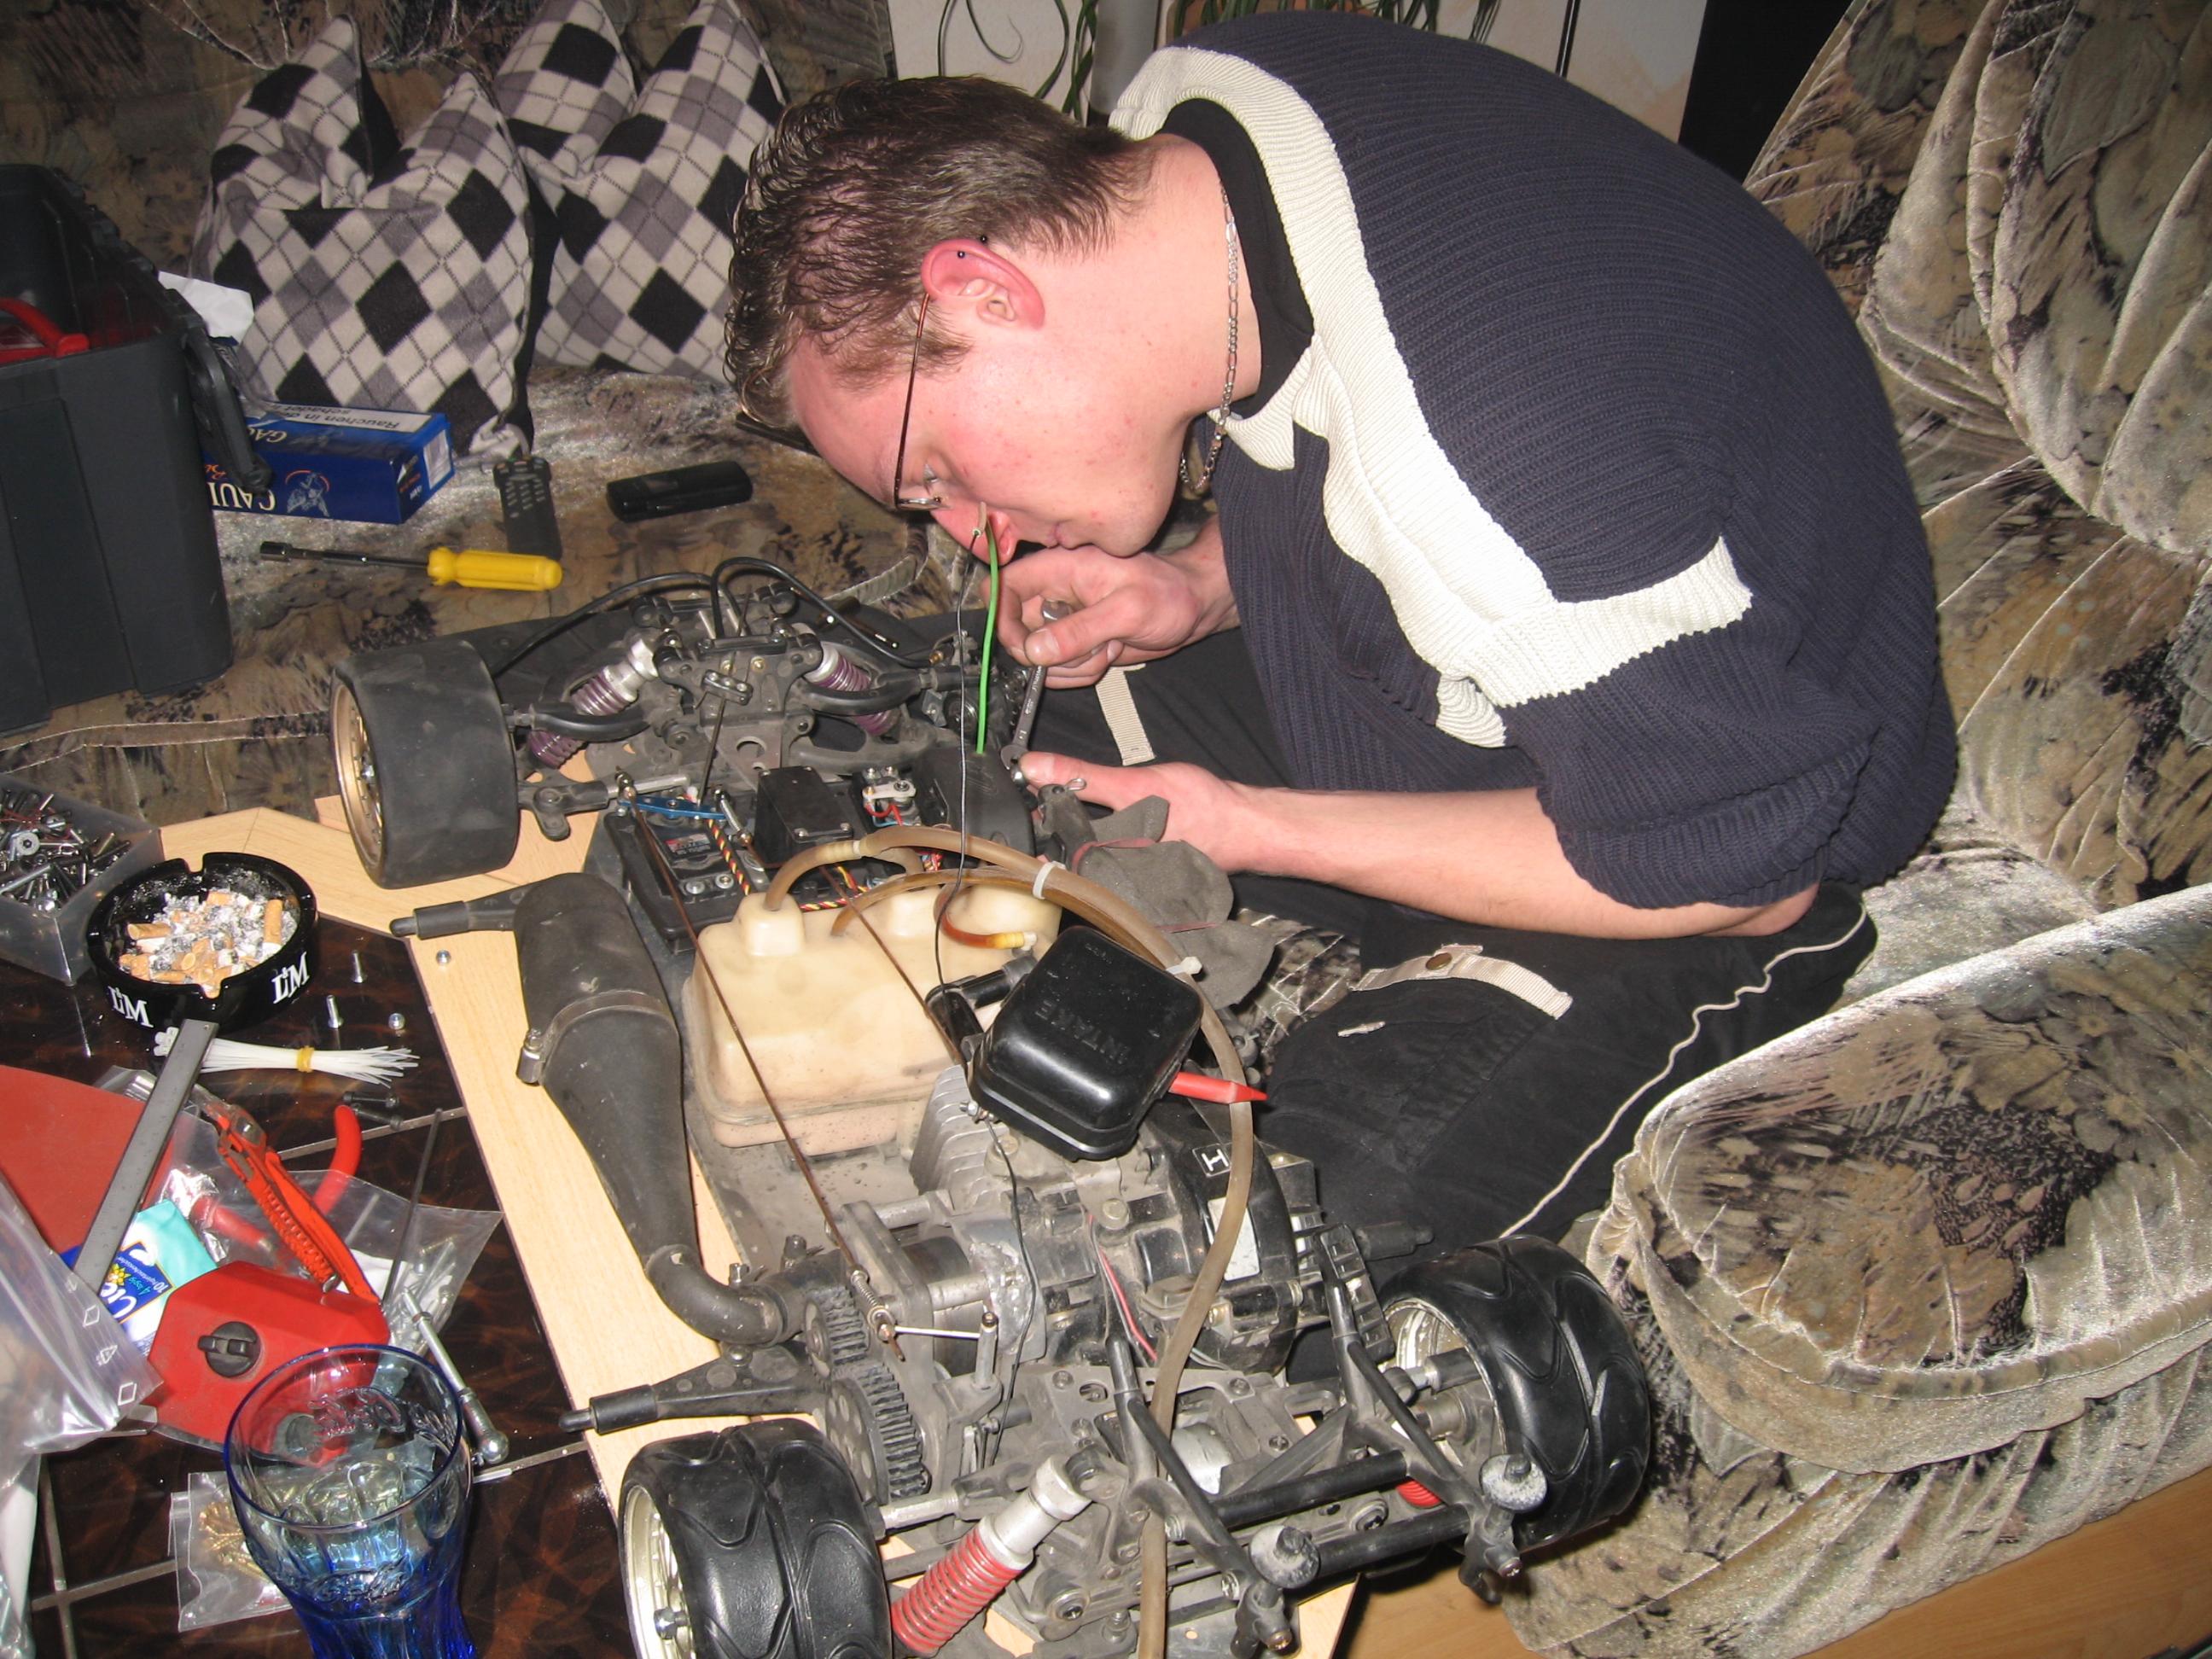 Der Manu bei der letzen Reparratur vorm Verkauf seines Audis